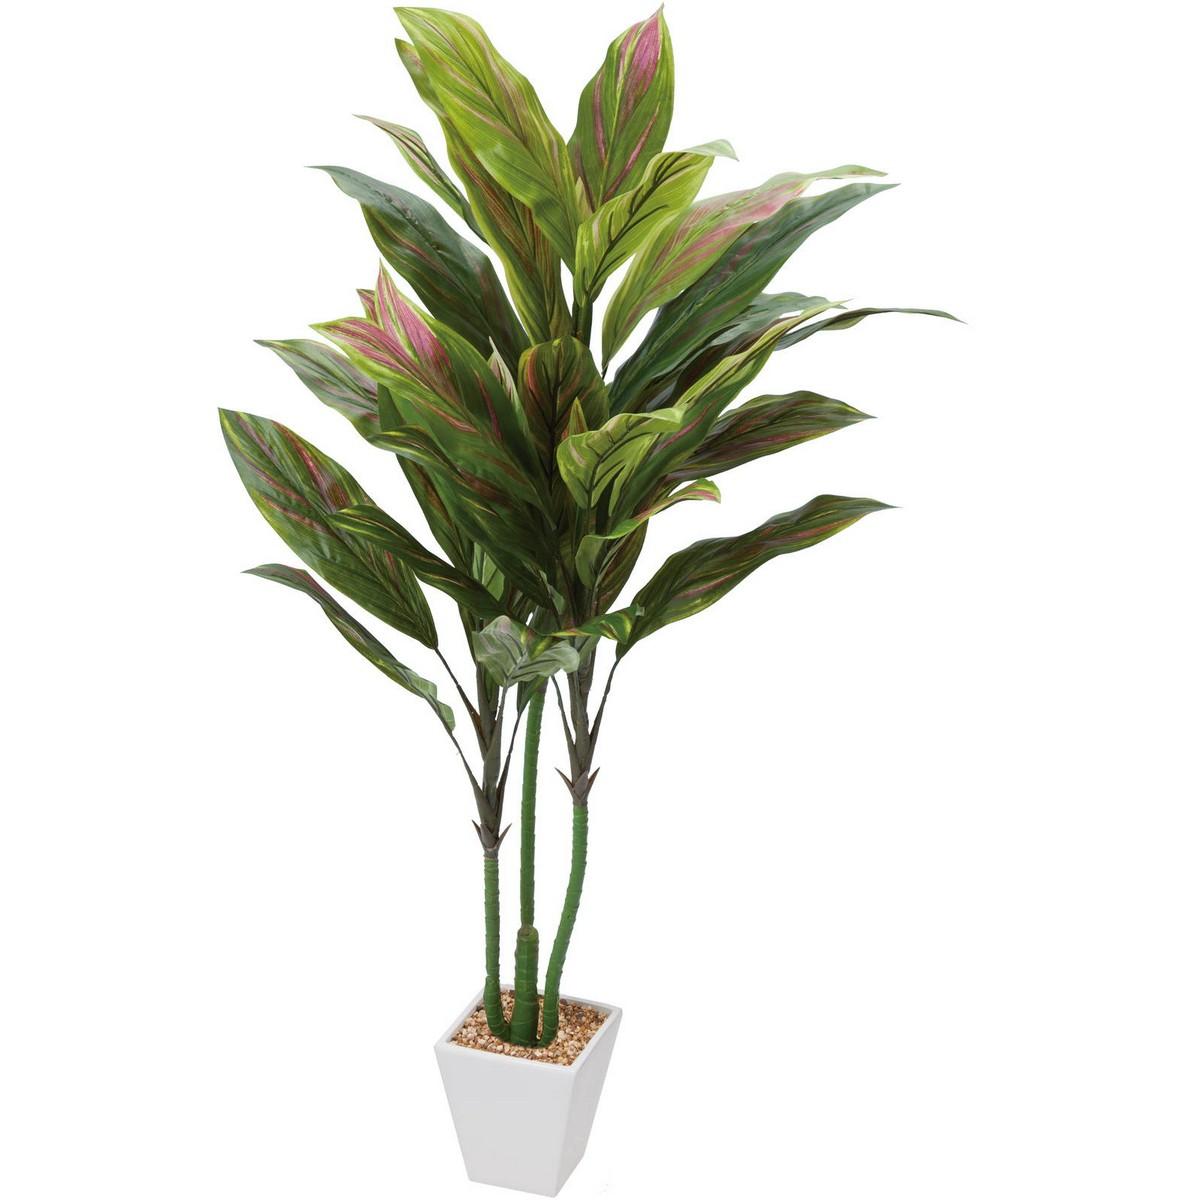 【人工観葉植物】YDM/コルディリネ グリーン/GLA-1435-GR【01】【取寄】《 造花(人工観葉植物) 人工観葉植物「か行」 コルデリネ 》